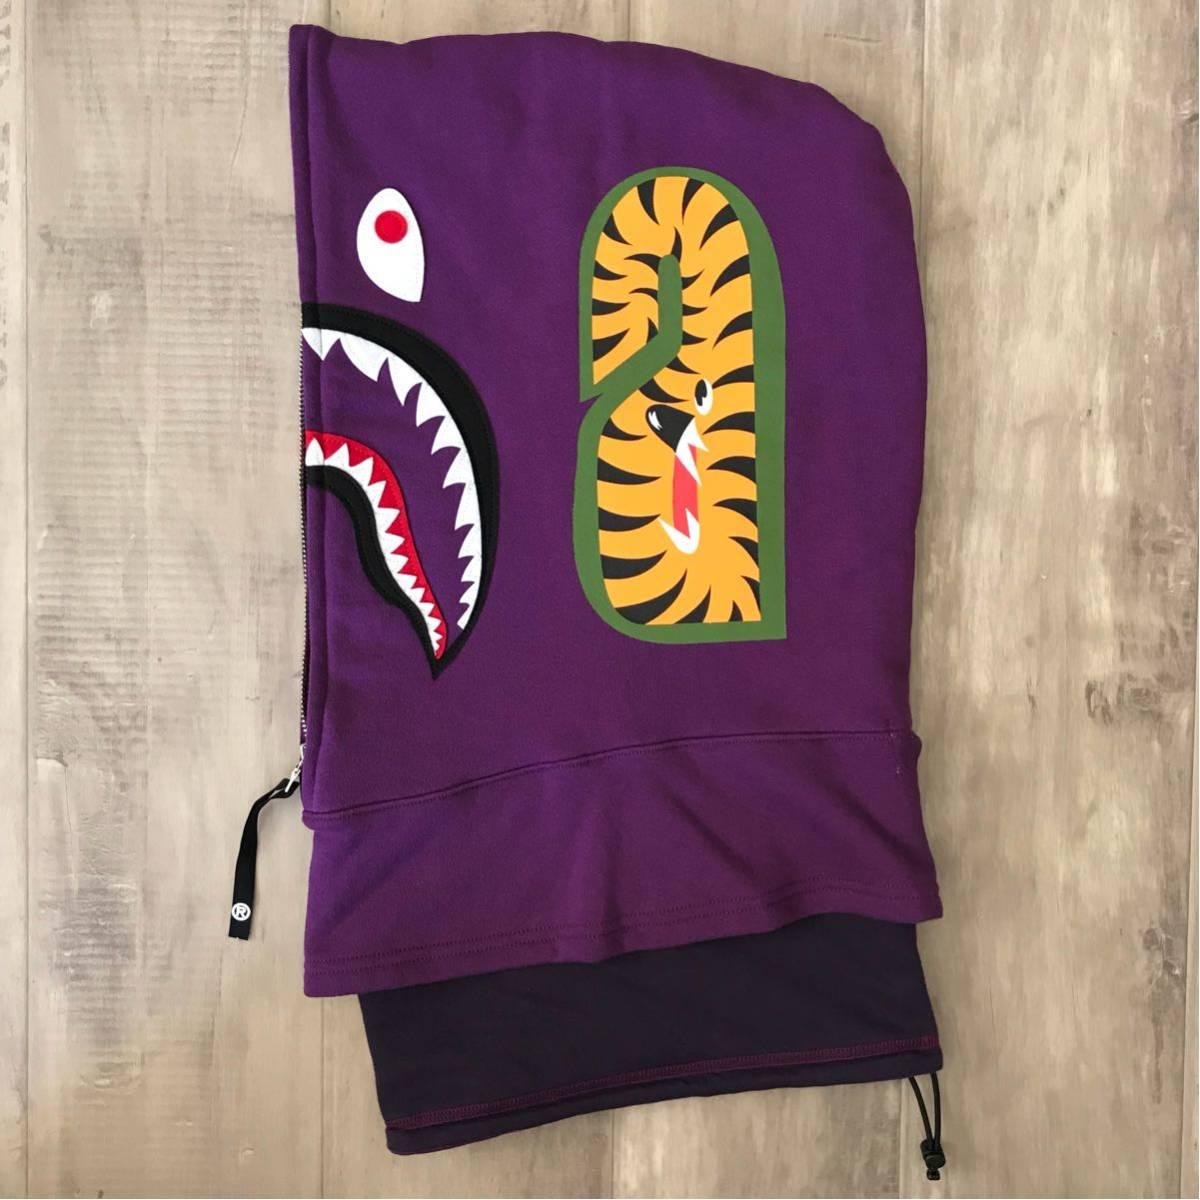 shark hoodie ネックウォーマー purple color camo a bathing ape bape シャーク パーカー face mask フェイスマスク エイプ ベイプ 紫